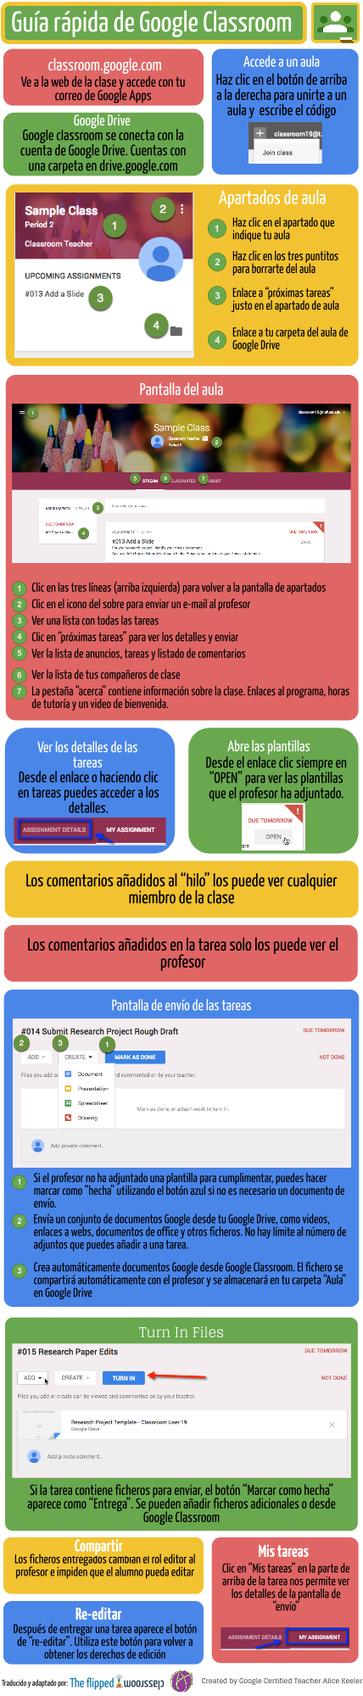 Guía rápida de Google Classroom #infografia #infographic #education | Las TIC y la Educación | Scoop.it